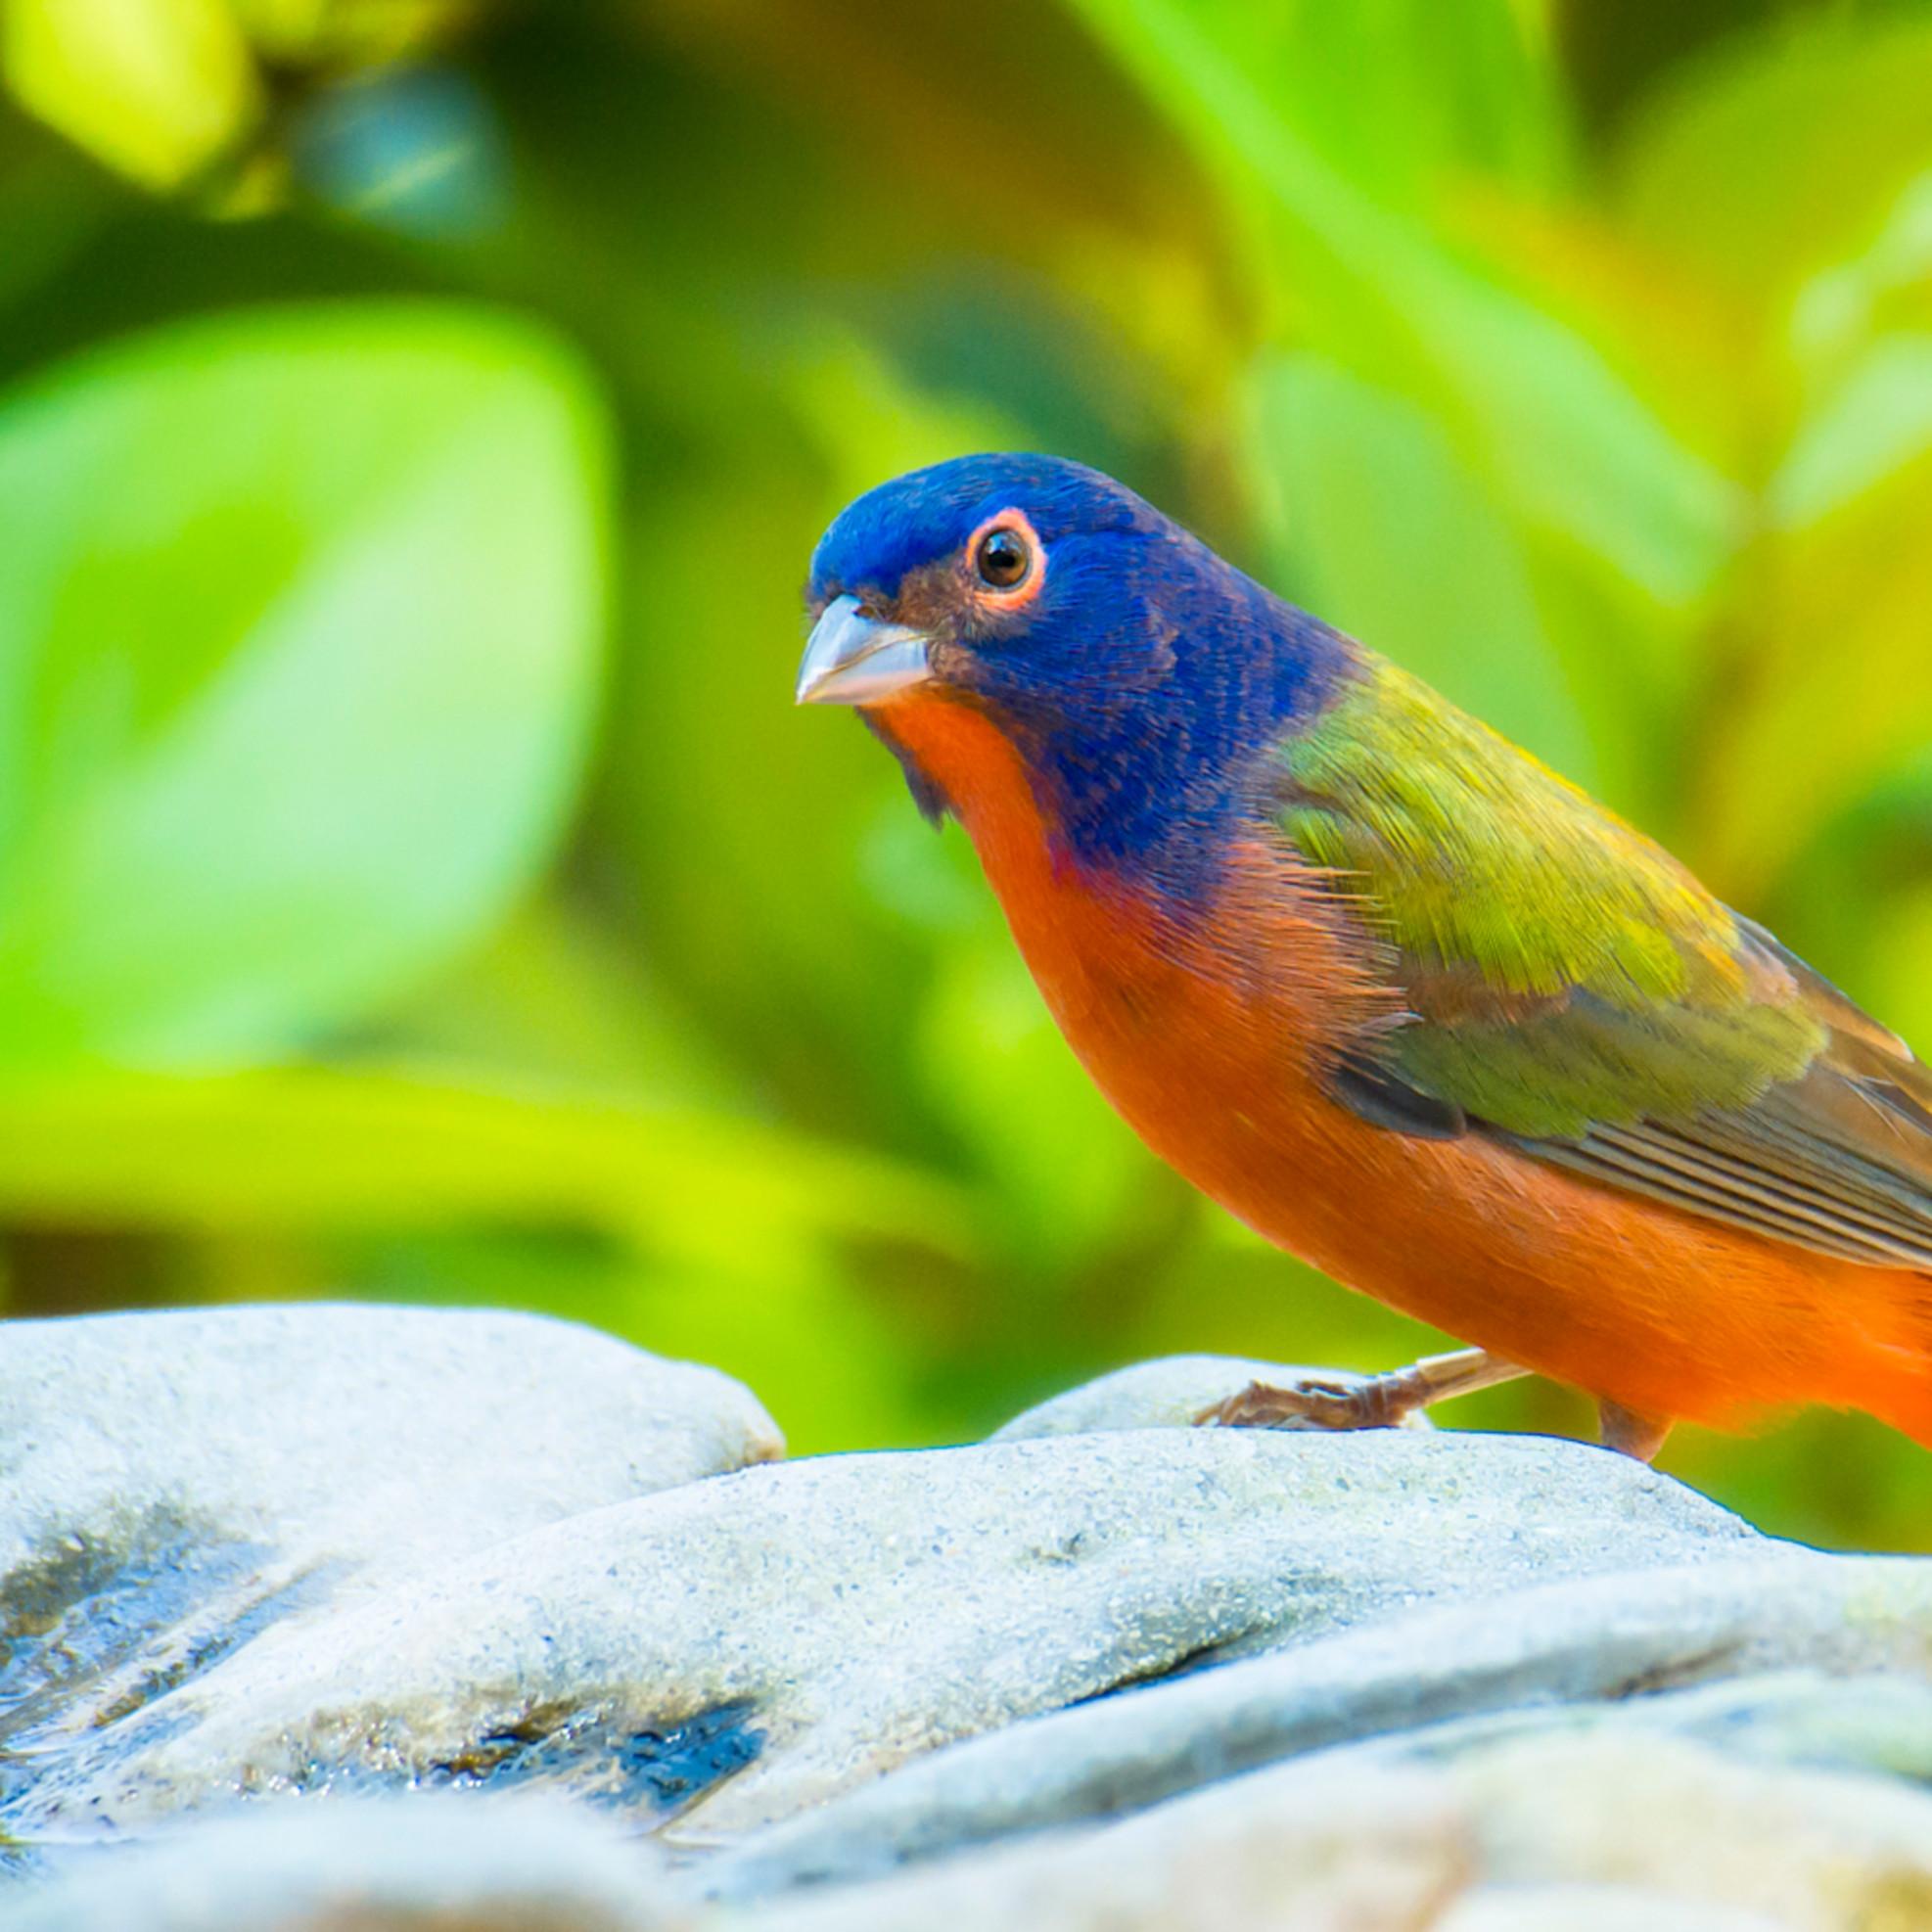 By birds 20201008 0039 gekrrq